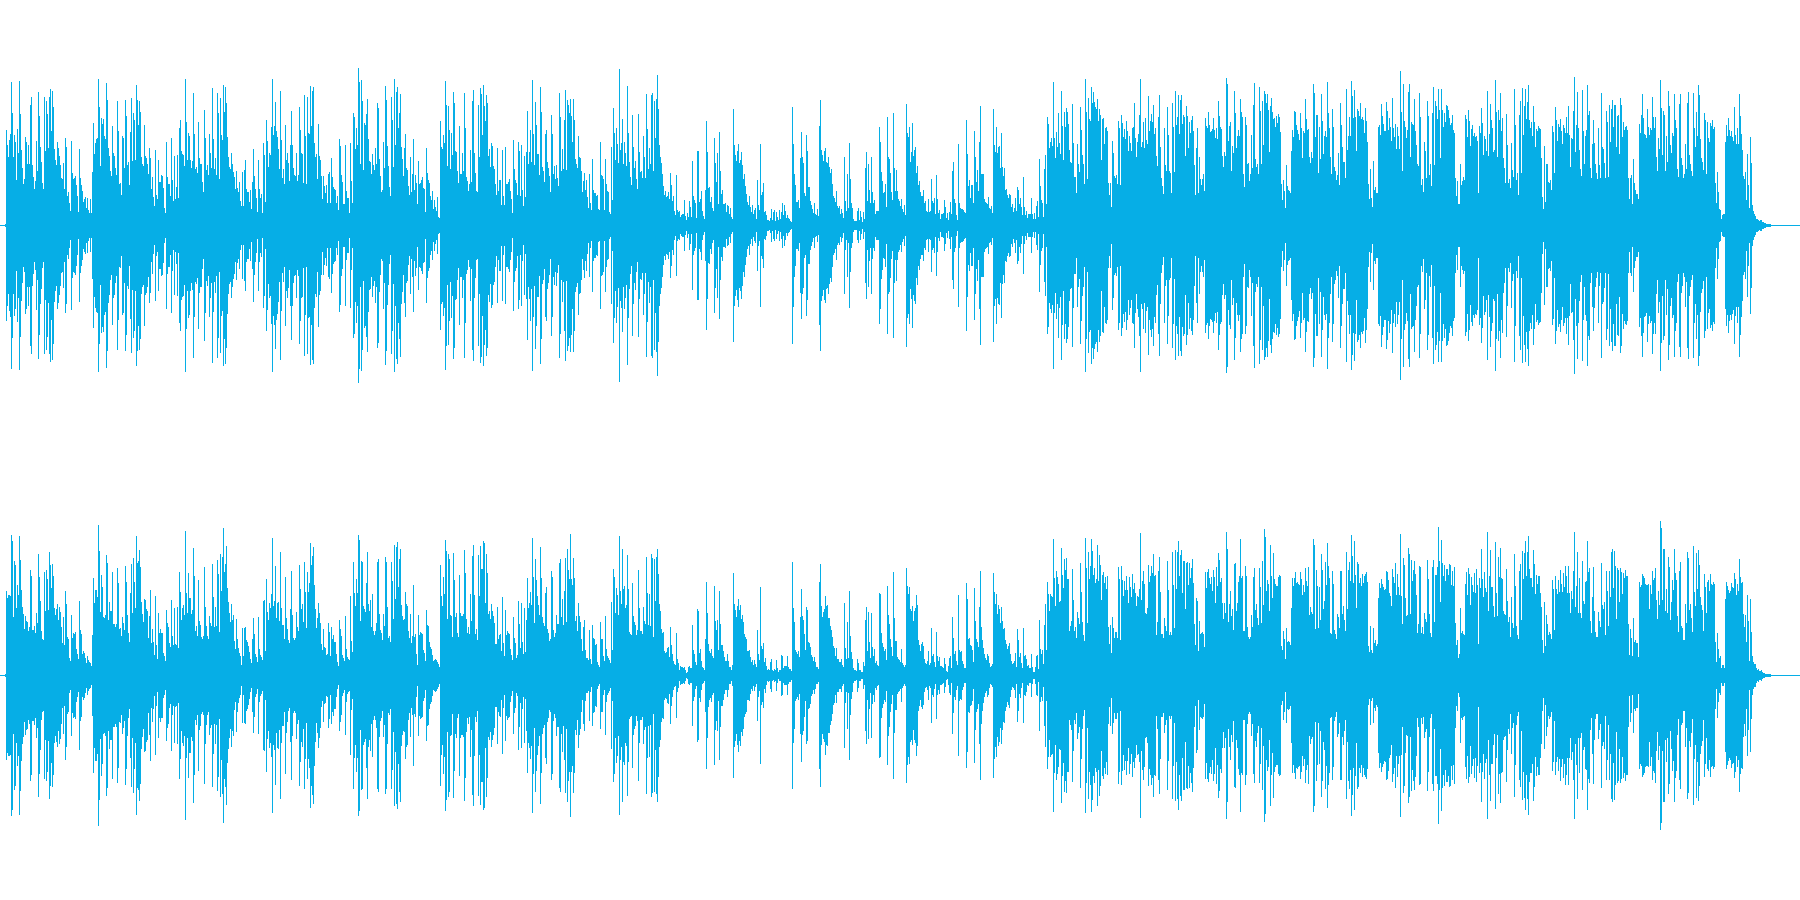 暗めのトーンでメリハリあるミュージックの再生済みの波形